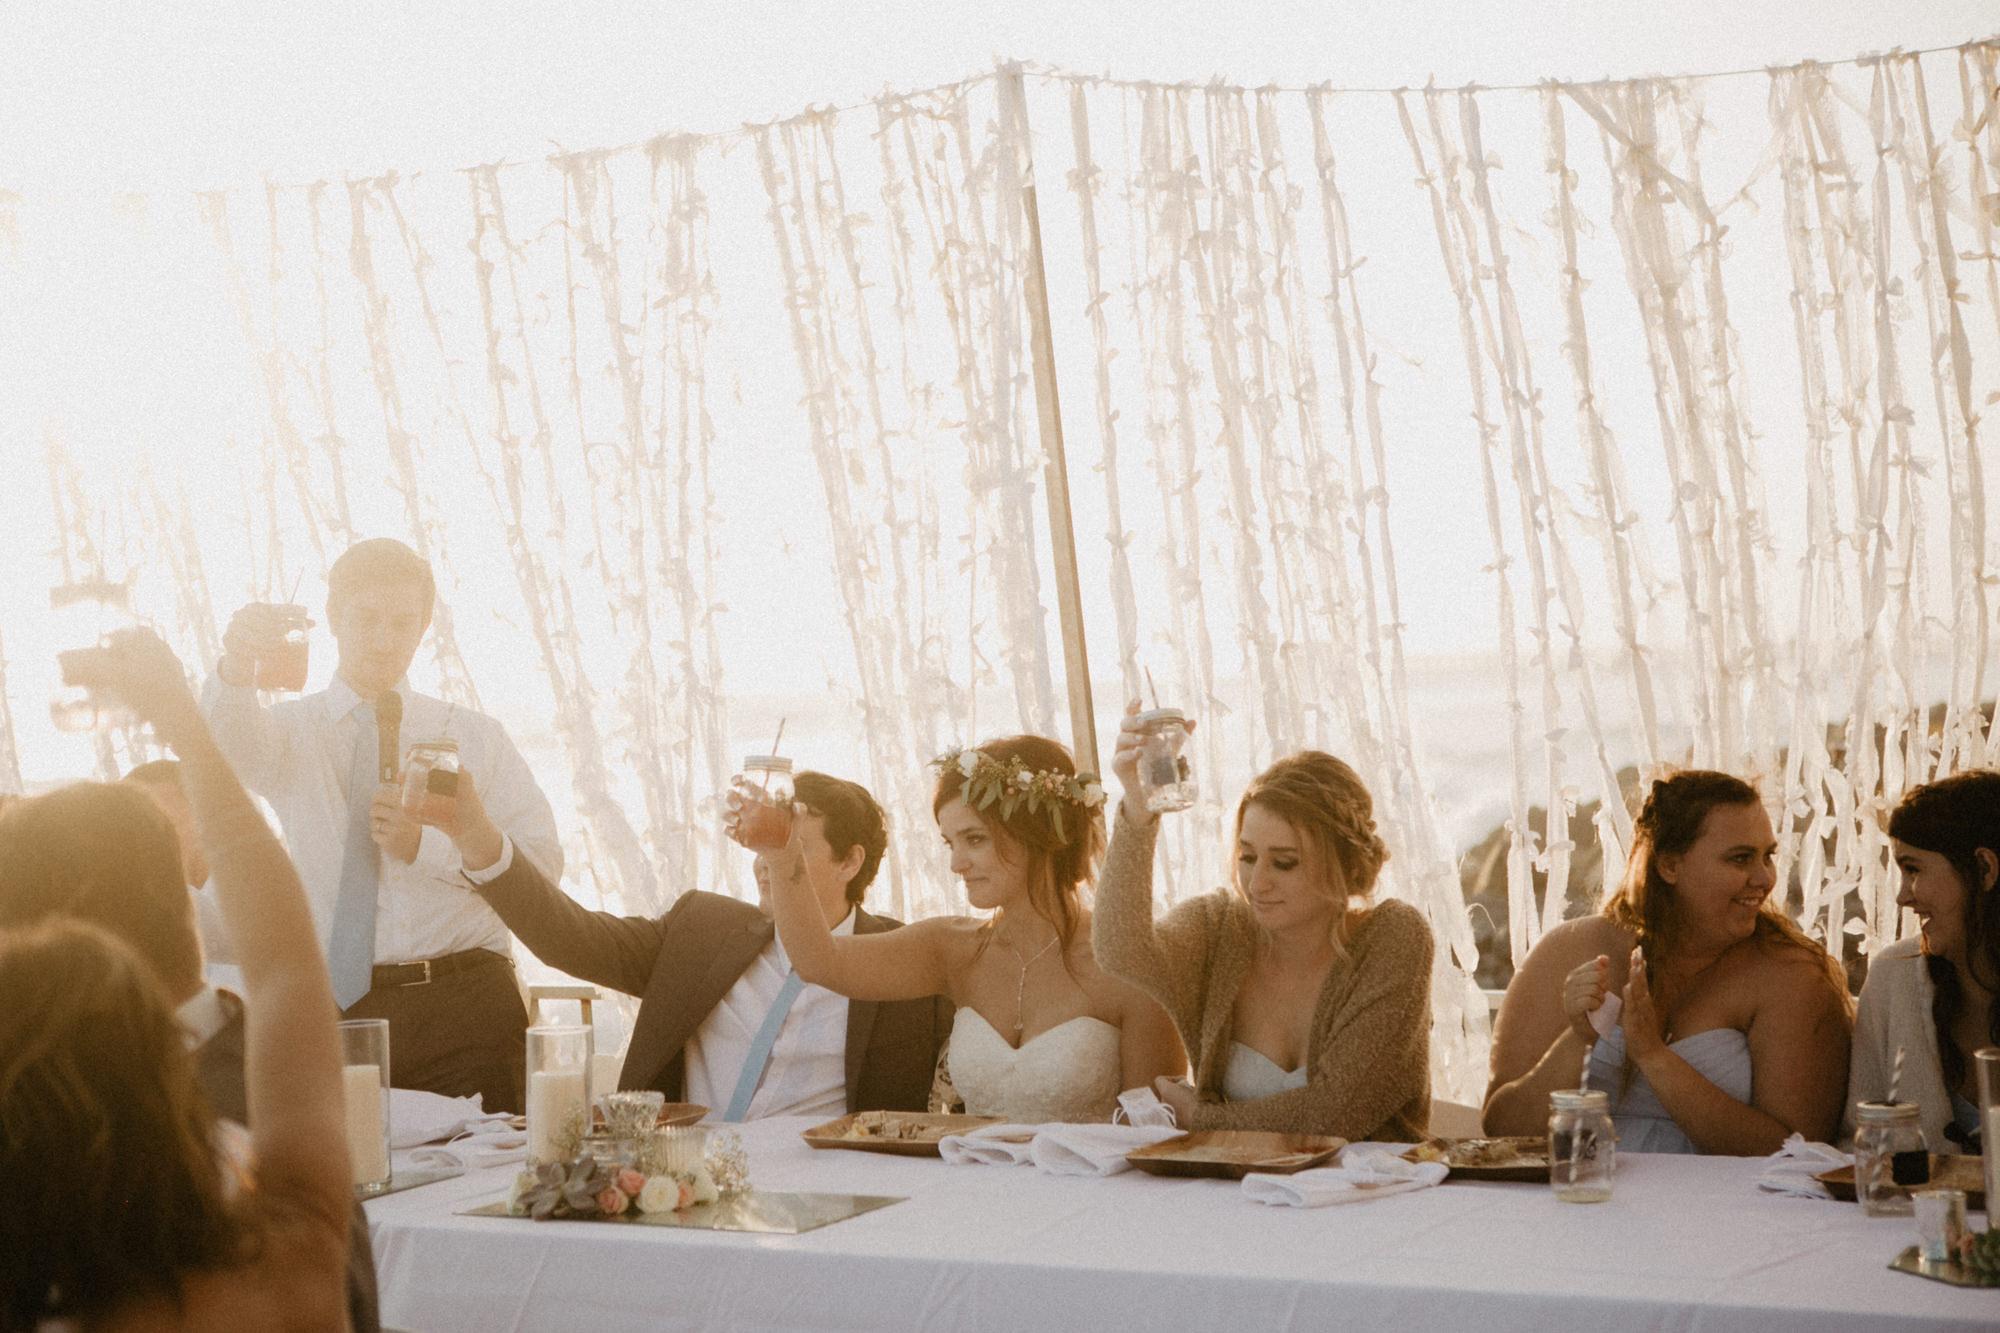 oceanside_airbnb_wedding-53.jpg